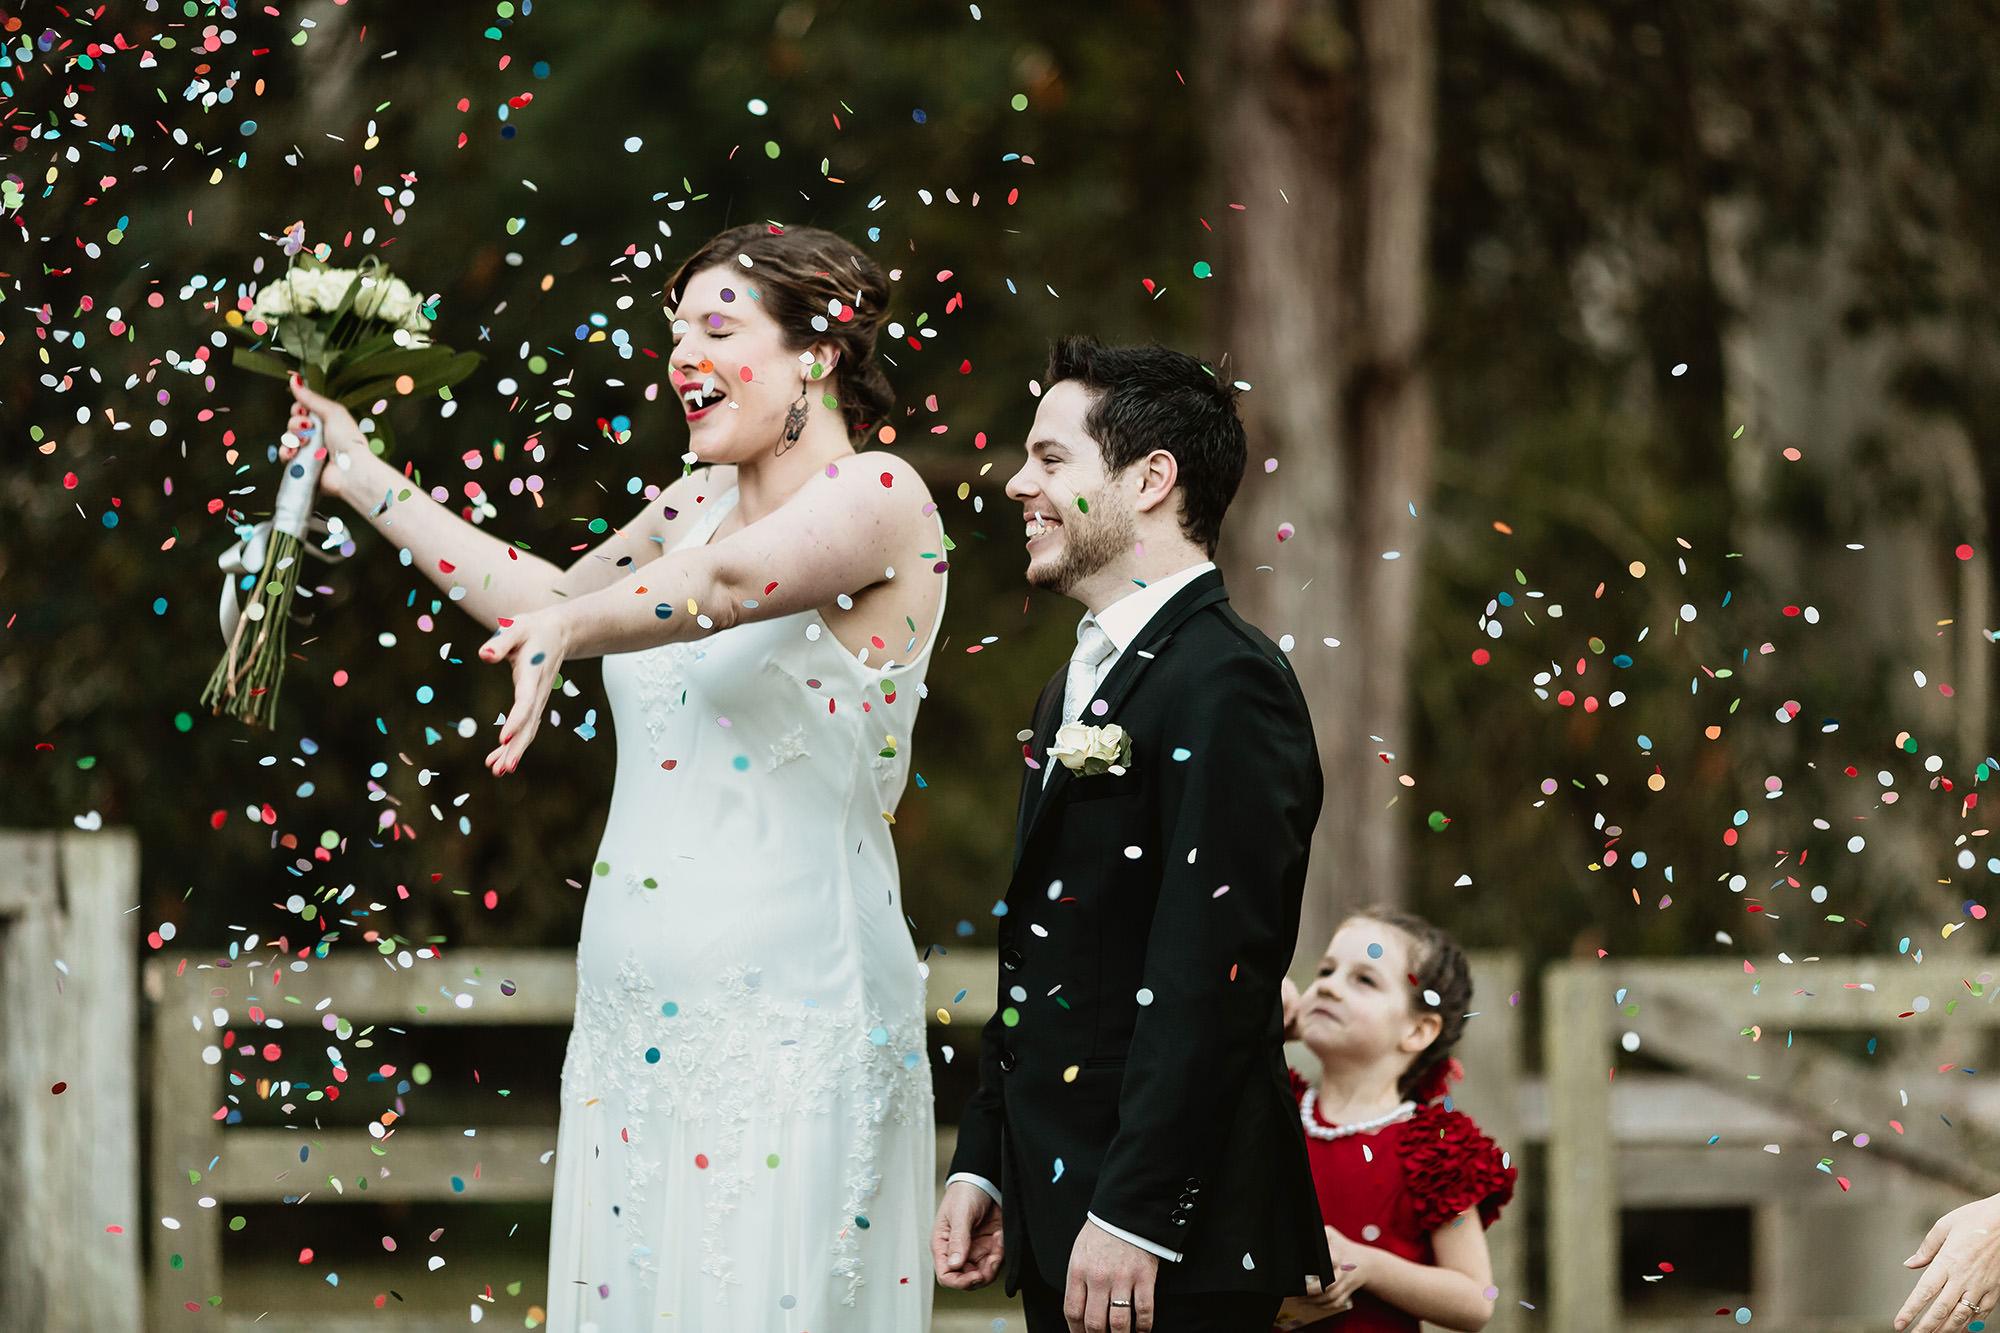 wedding confetti ideas & tips